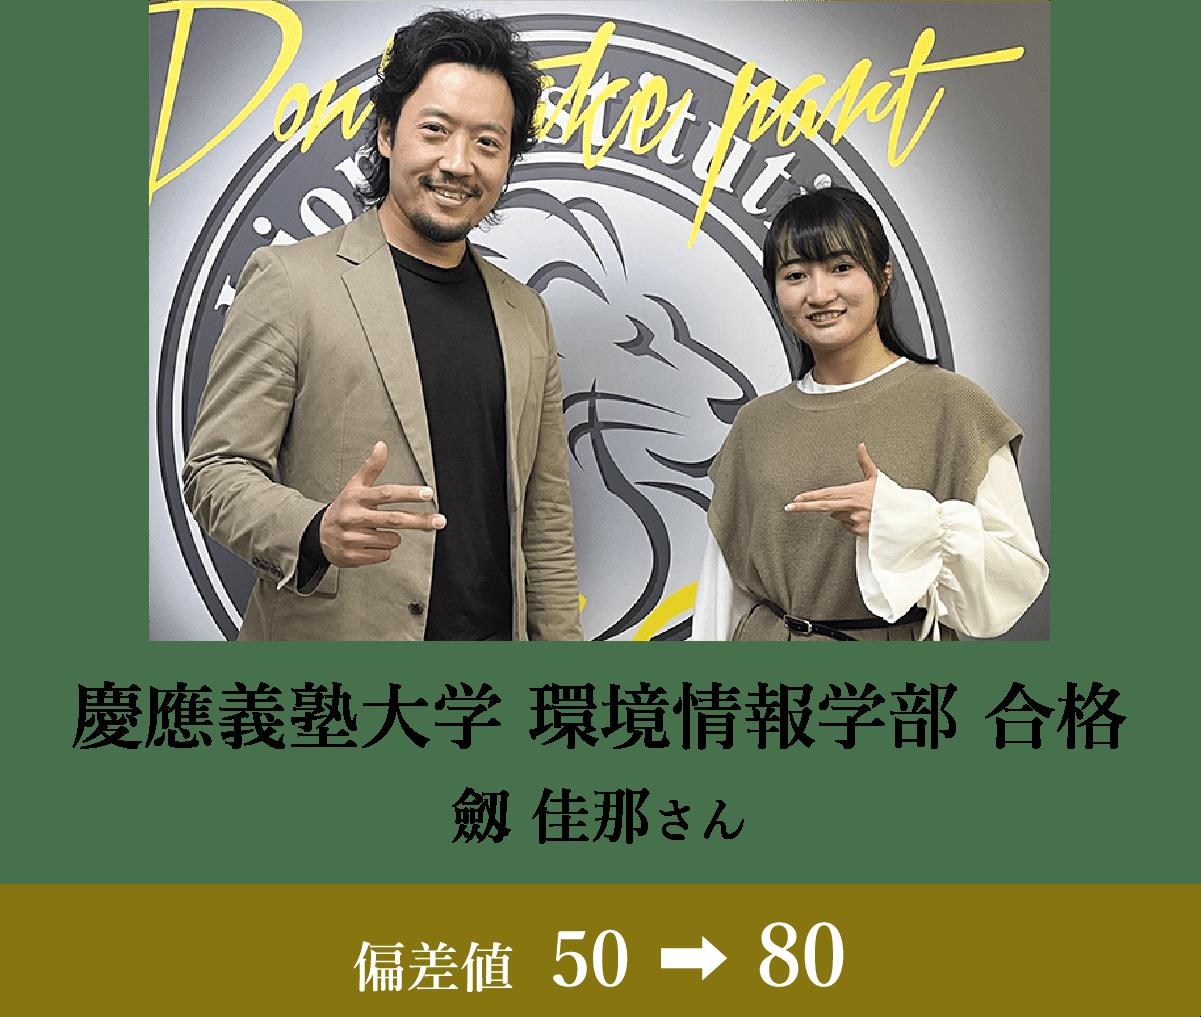 慶應義塾大学 環境情報学部 合格 劔 佳那さん 偏差値39→70